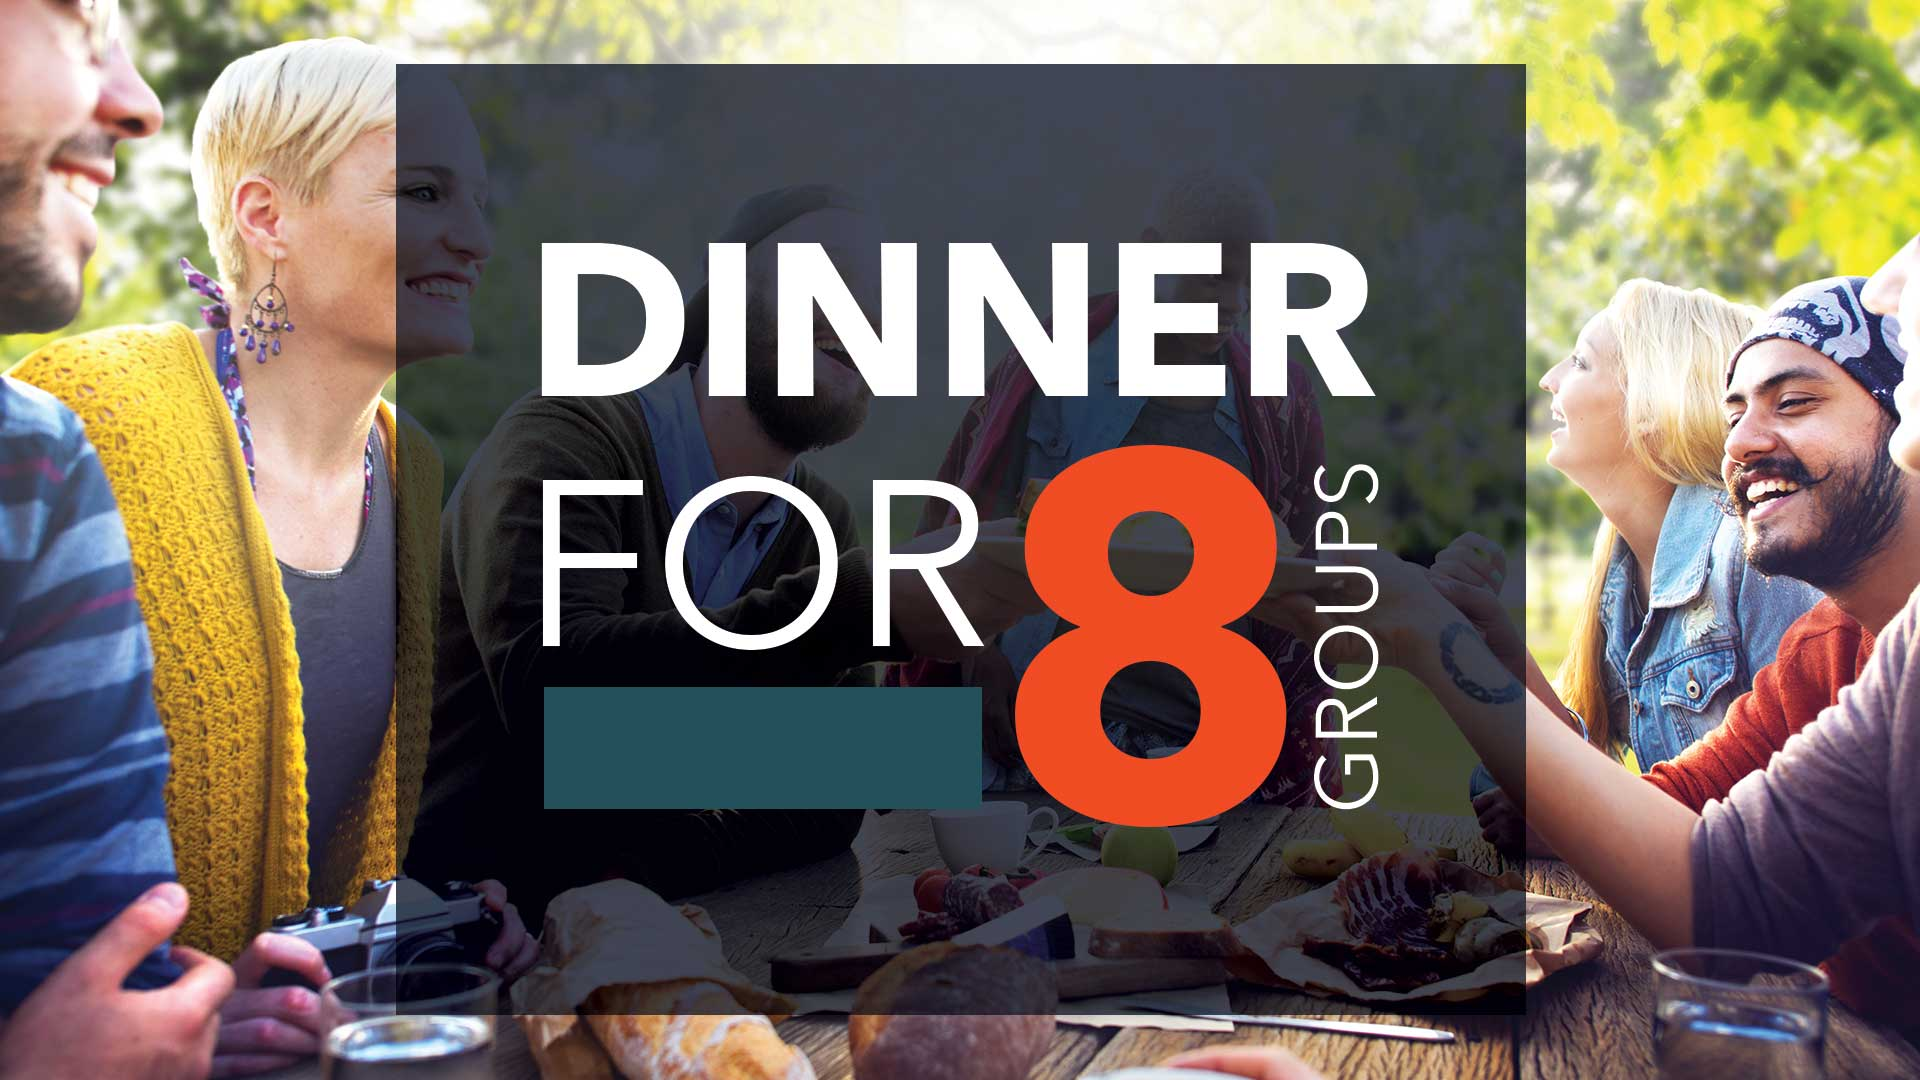 Dinner for 8 Registration